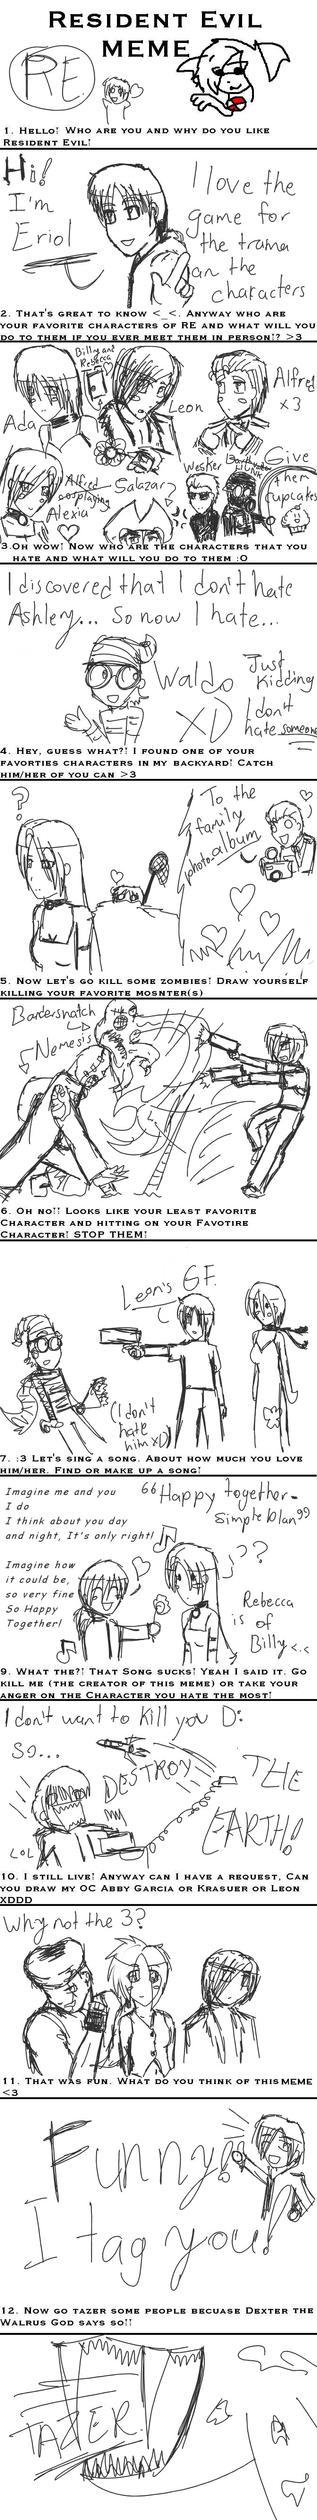 Resident Evil Meme filled by LanceDarkness